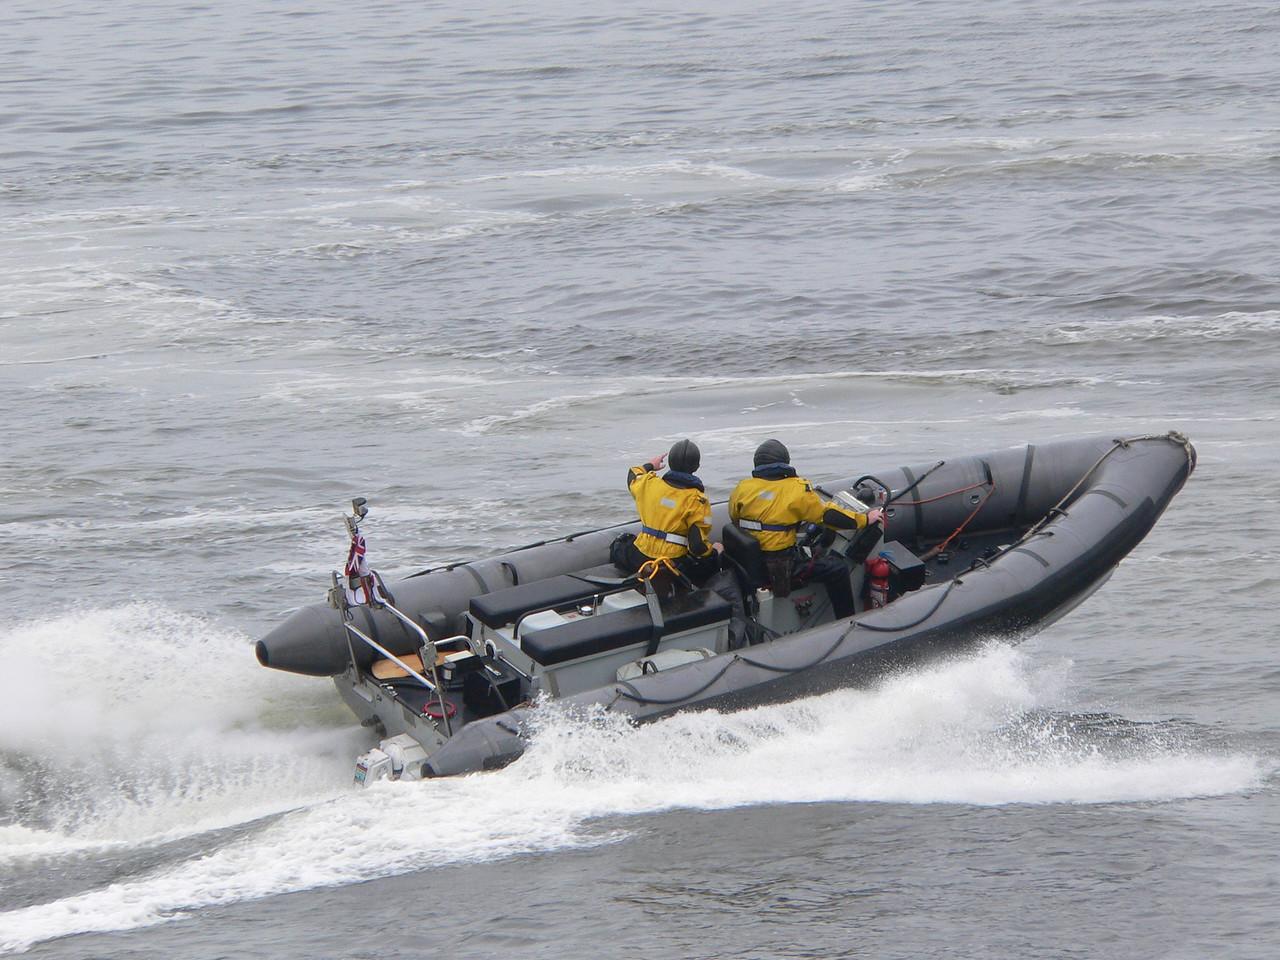 RIB HMS ENDURANCE